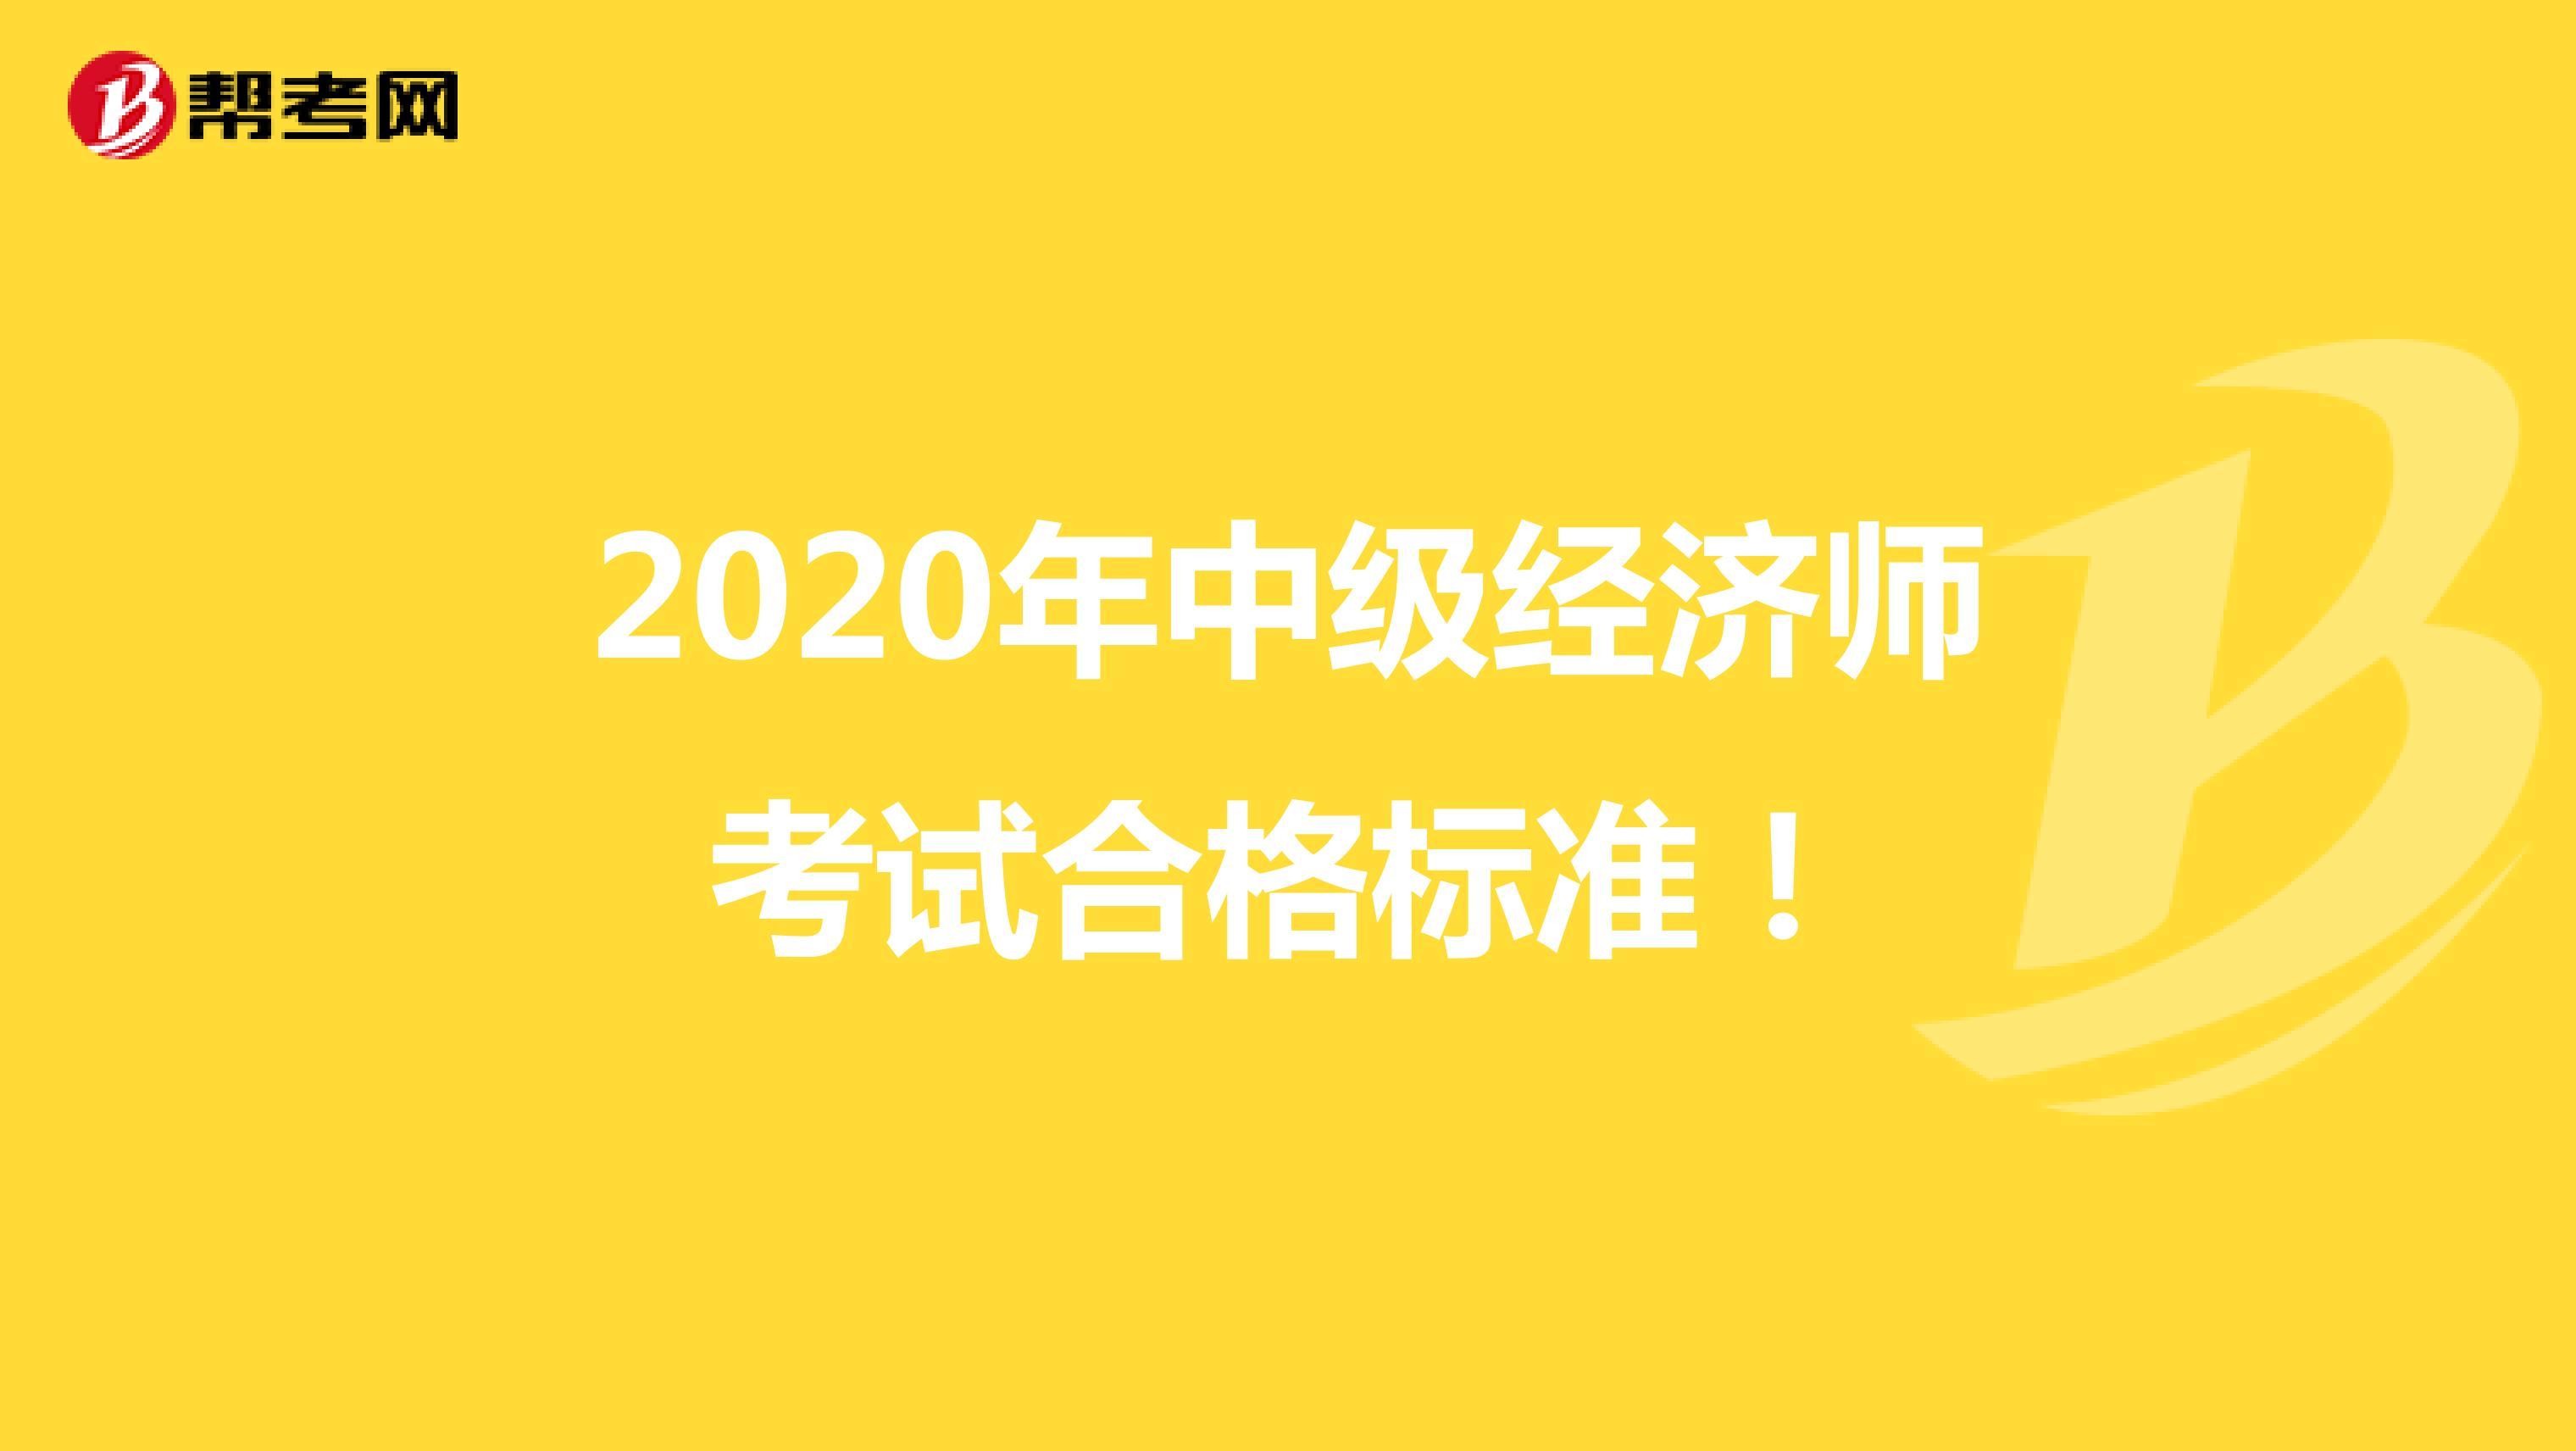 2020年中级经济师考试合格标准!